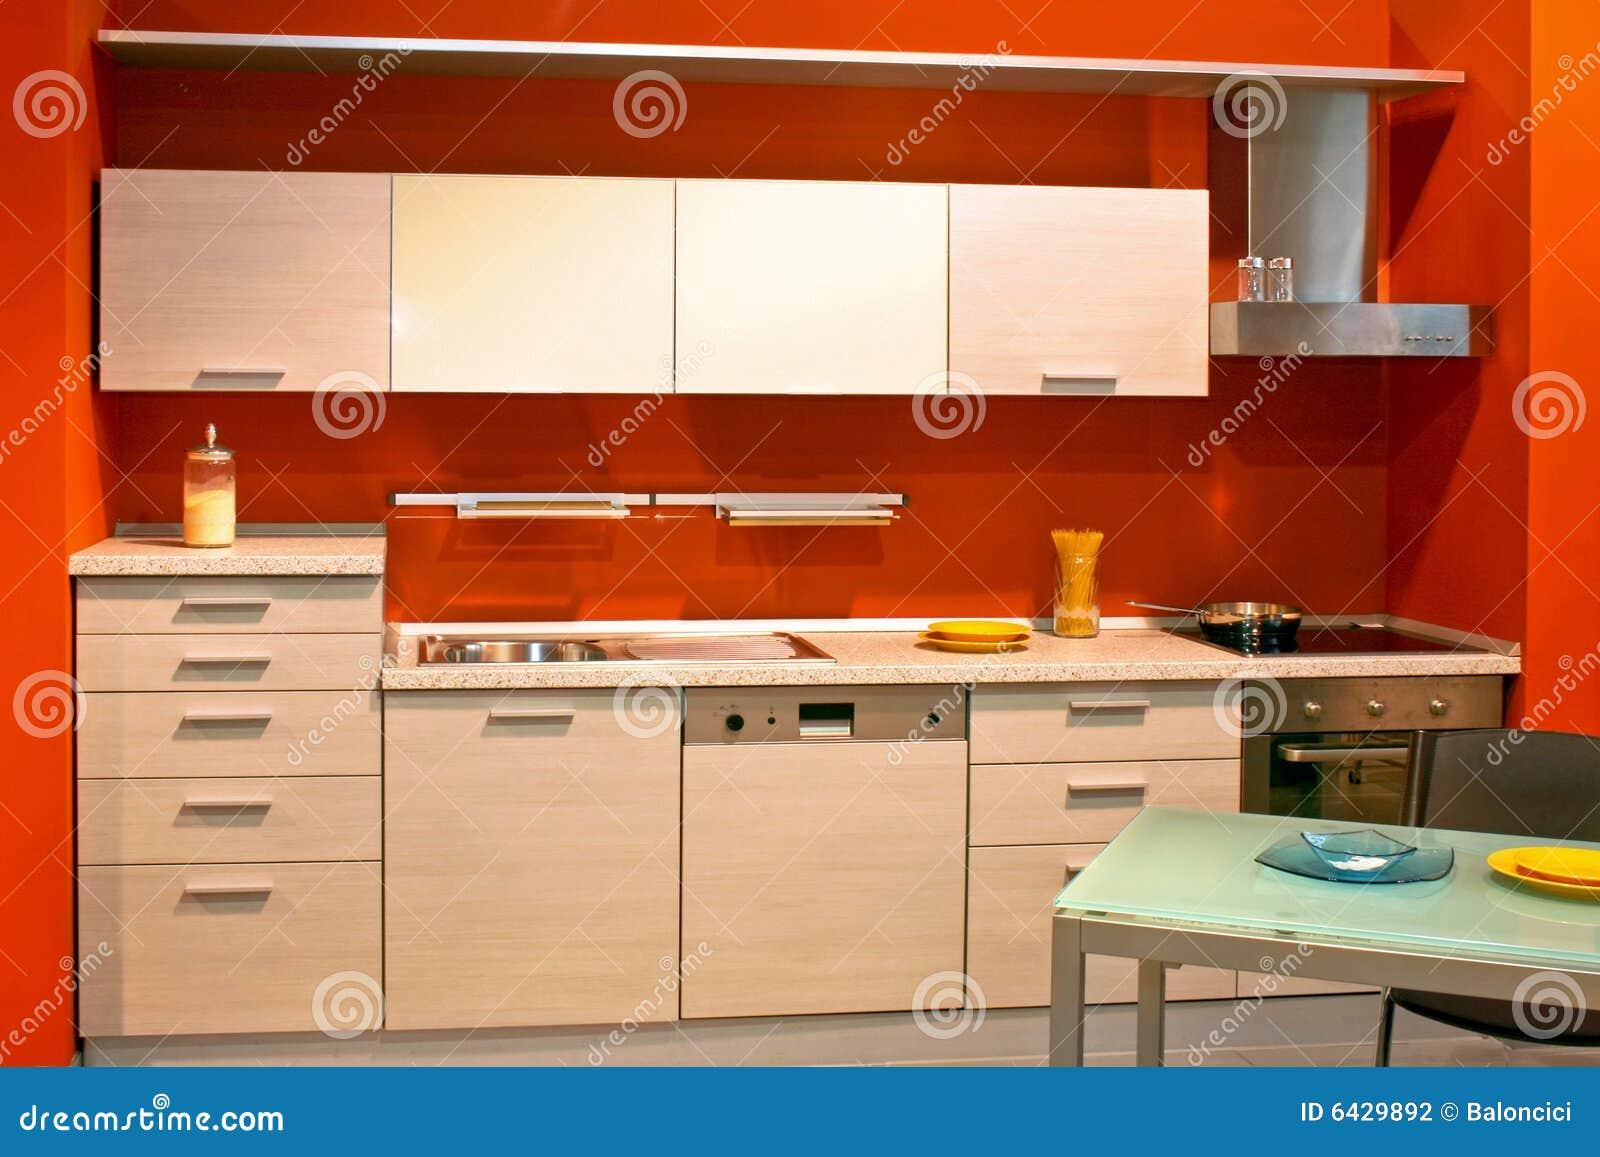 Cozinha Vermelha Fotografia De Stock Imagem 6429892